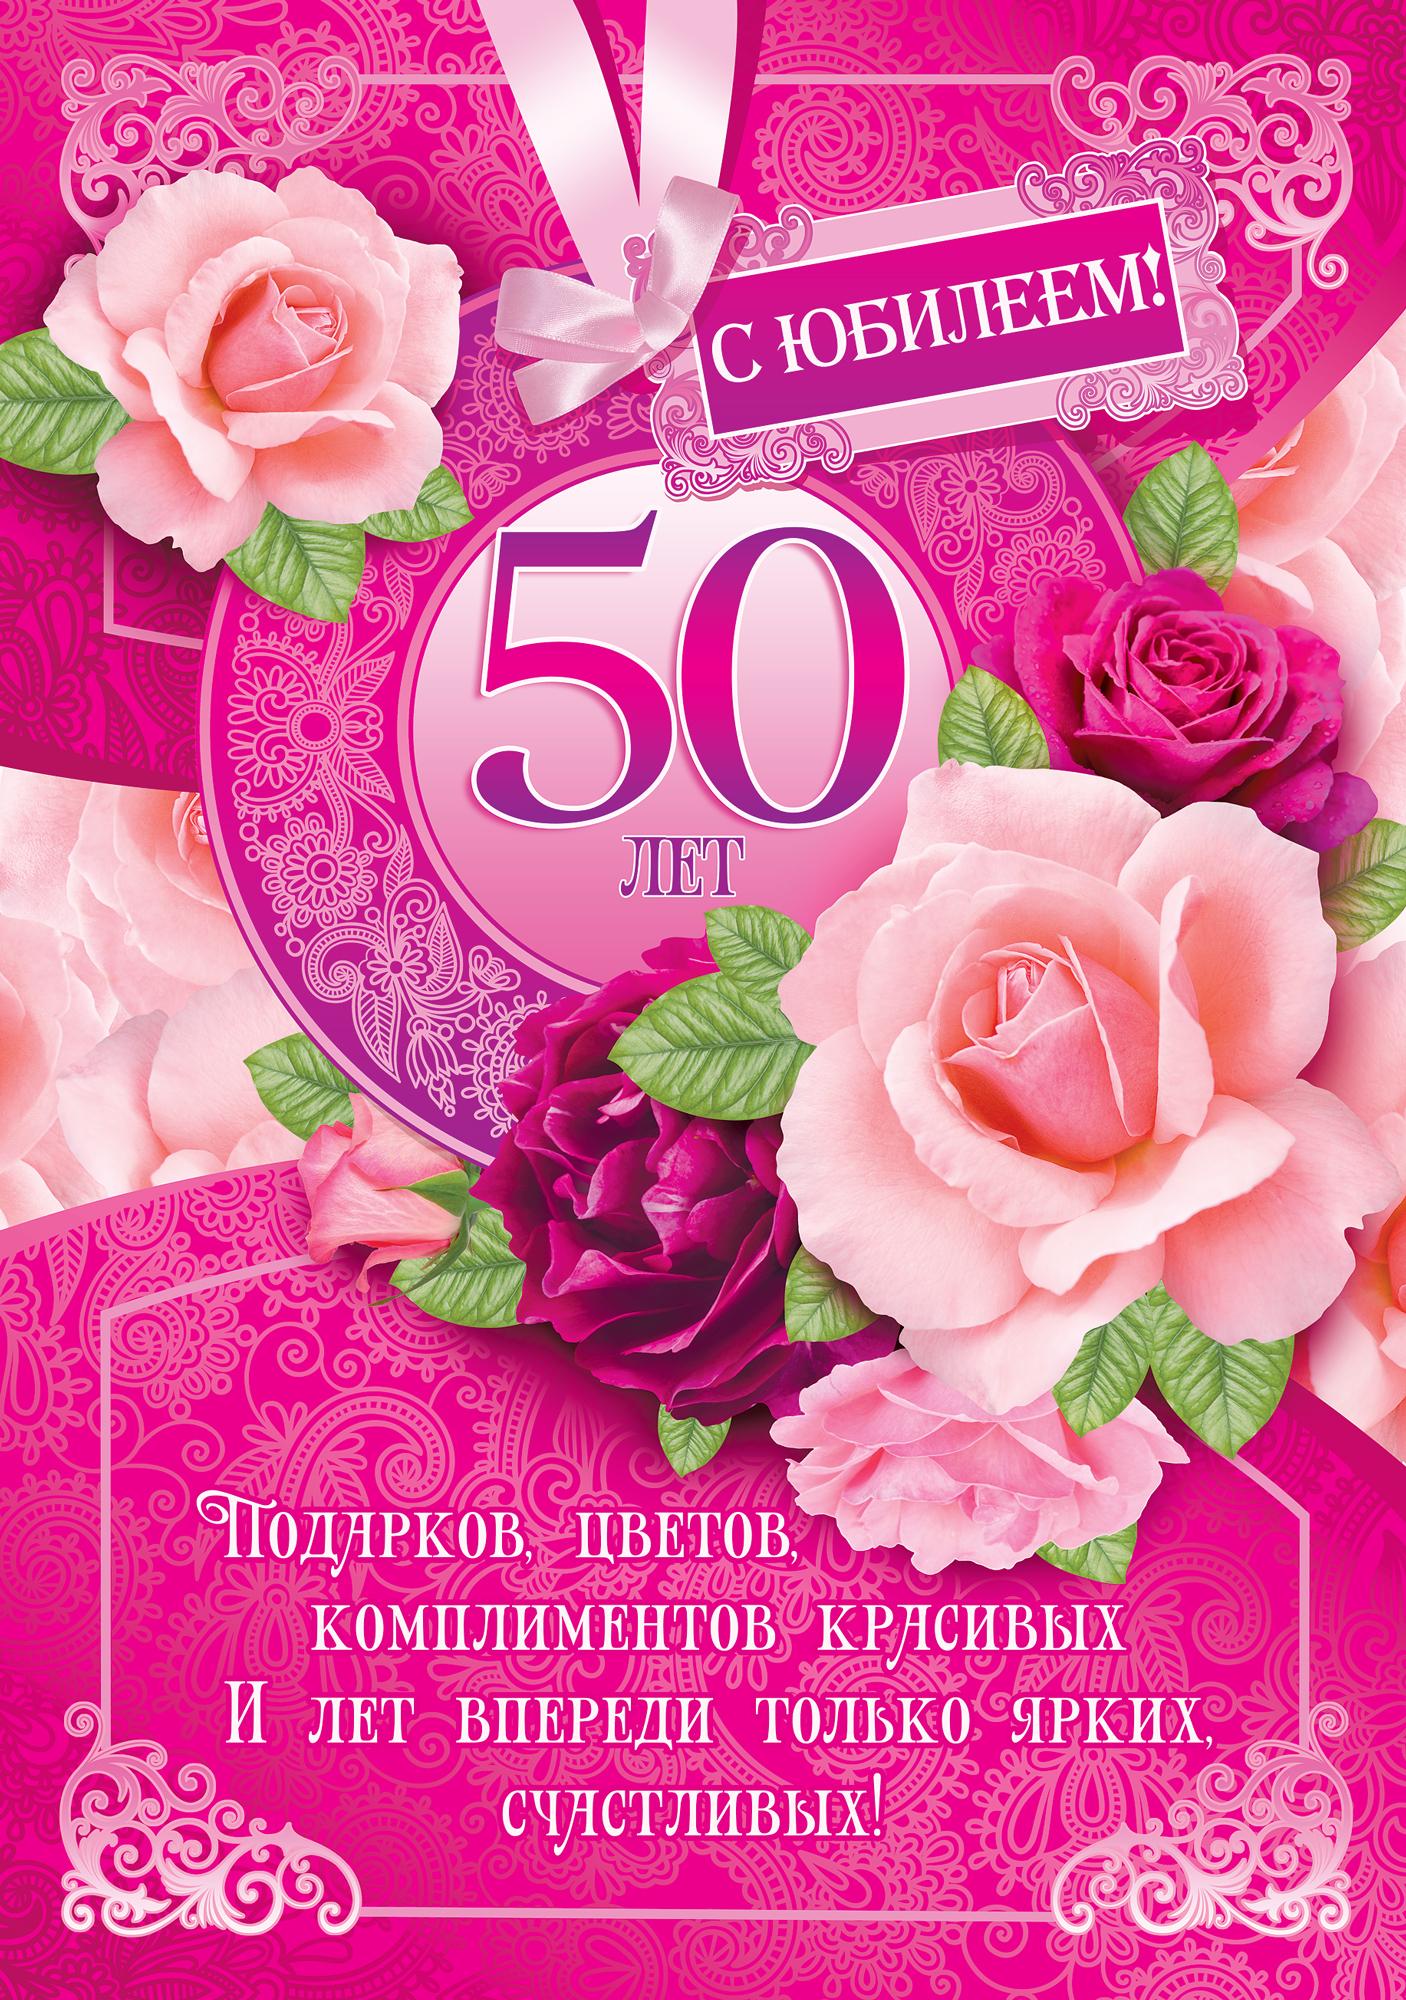 Лучшие поздравления с юбилеи 50 лет